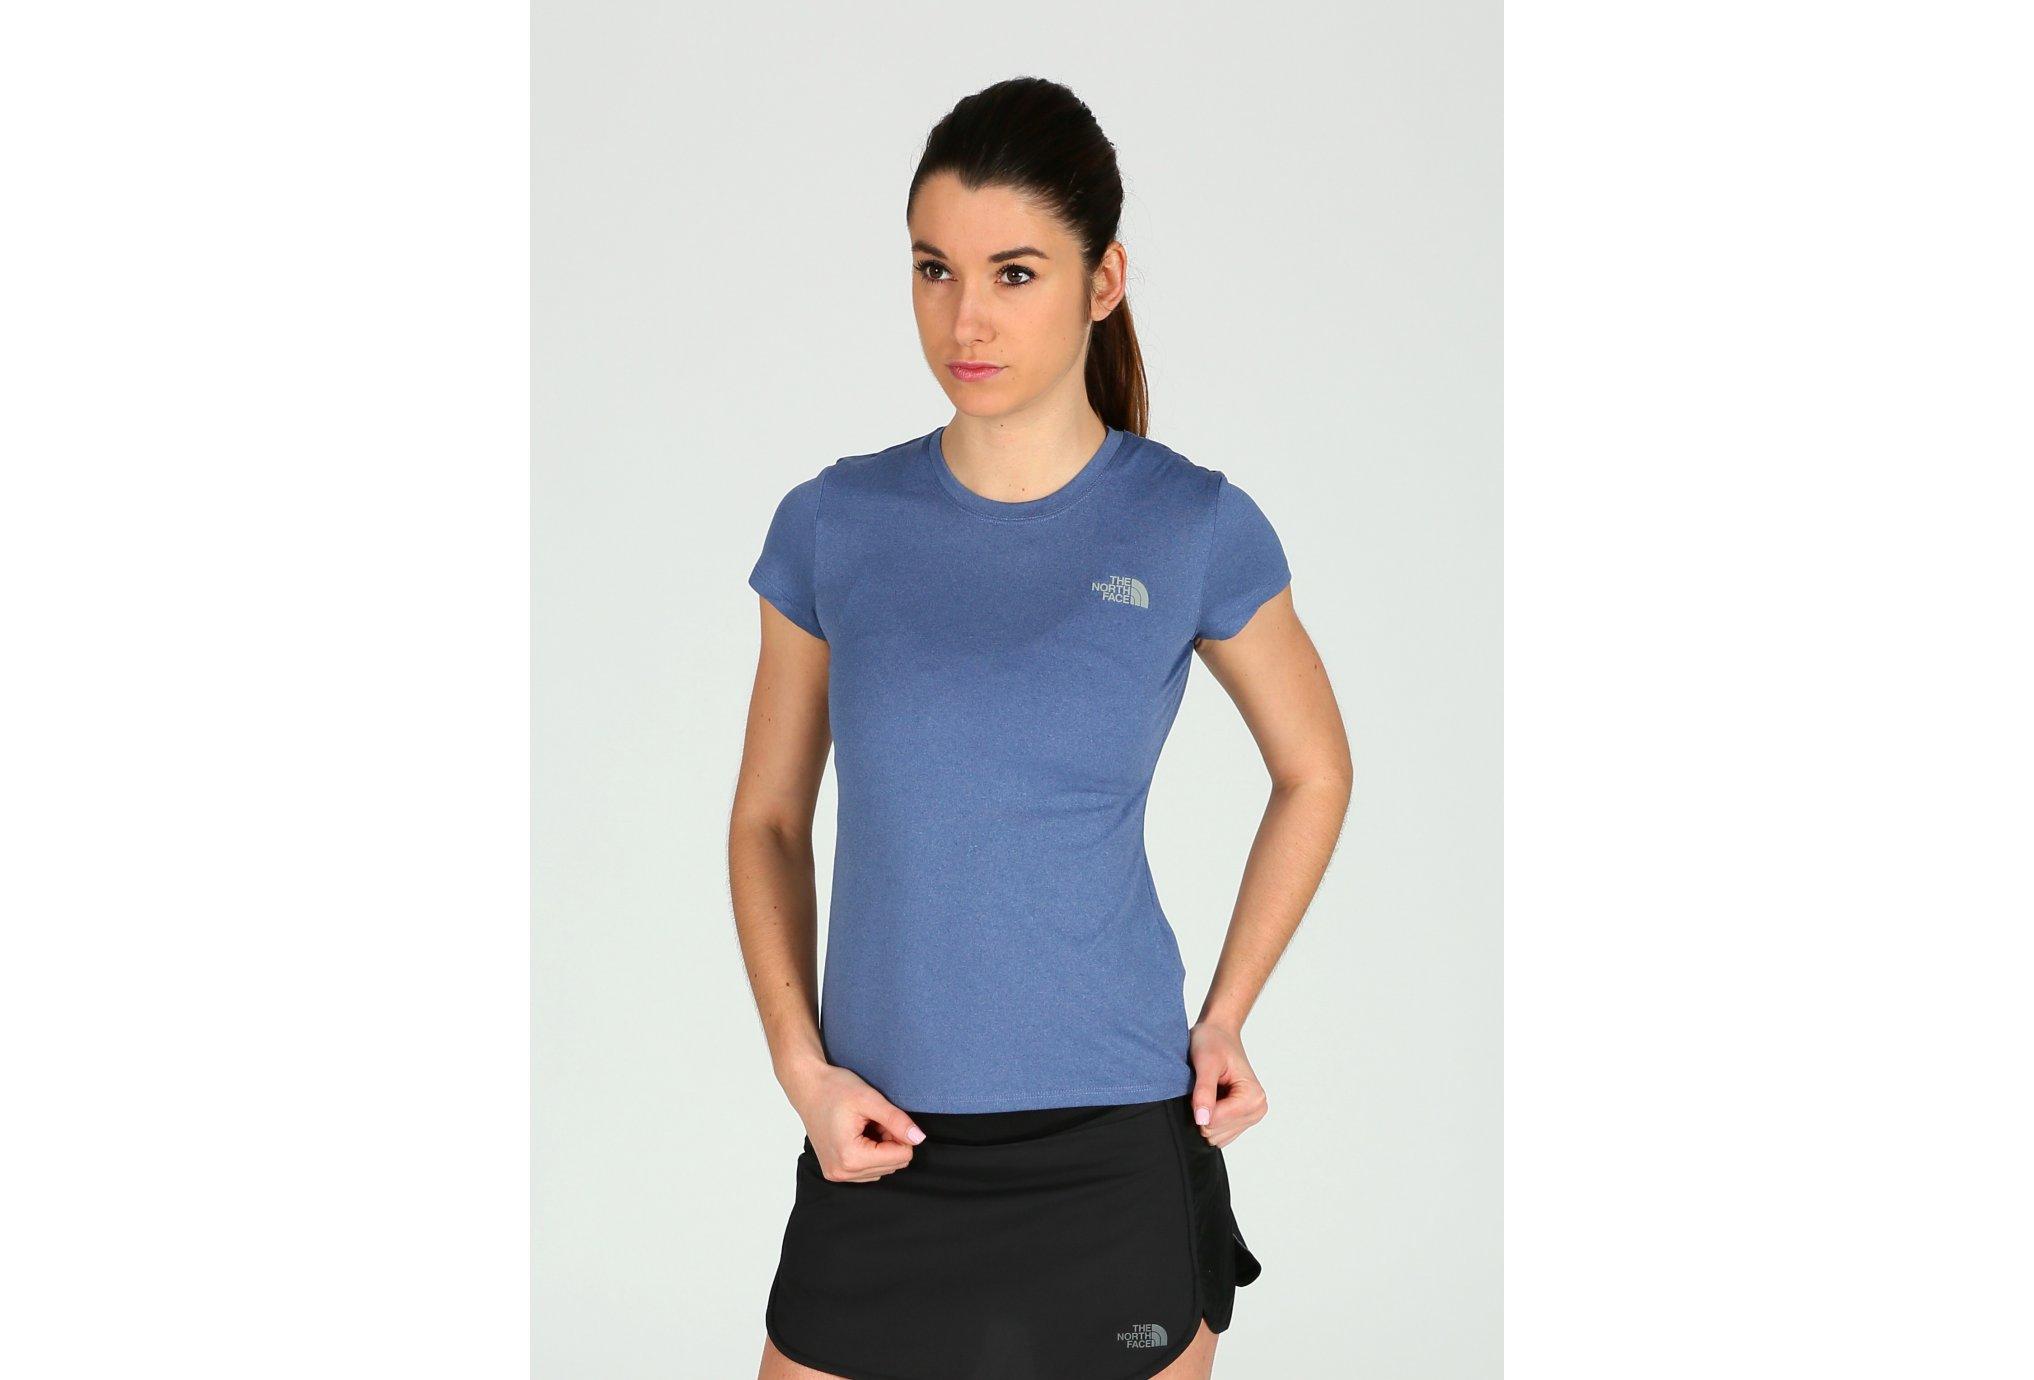 The North Face Tee-Shirt Reaxion Ampere W Diététique Vêtements femme